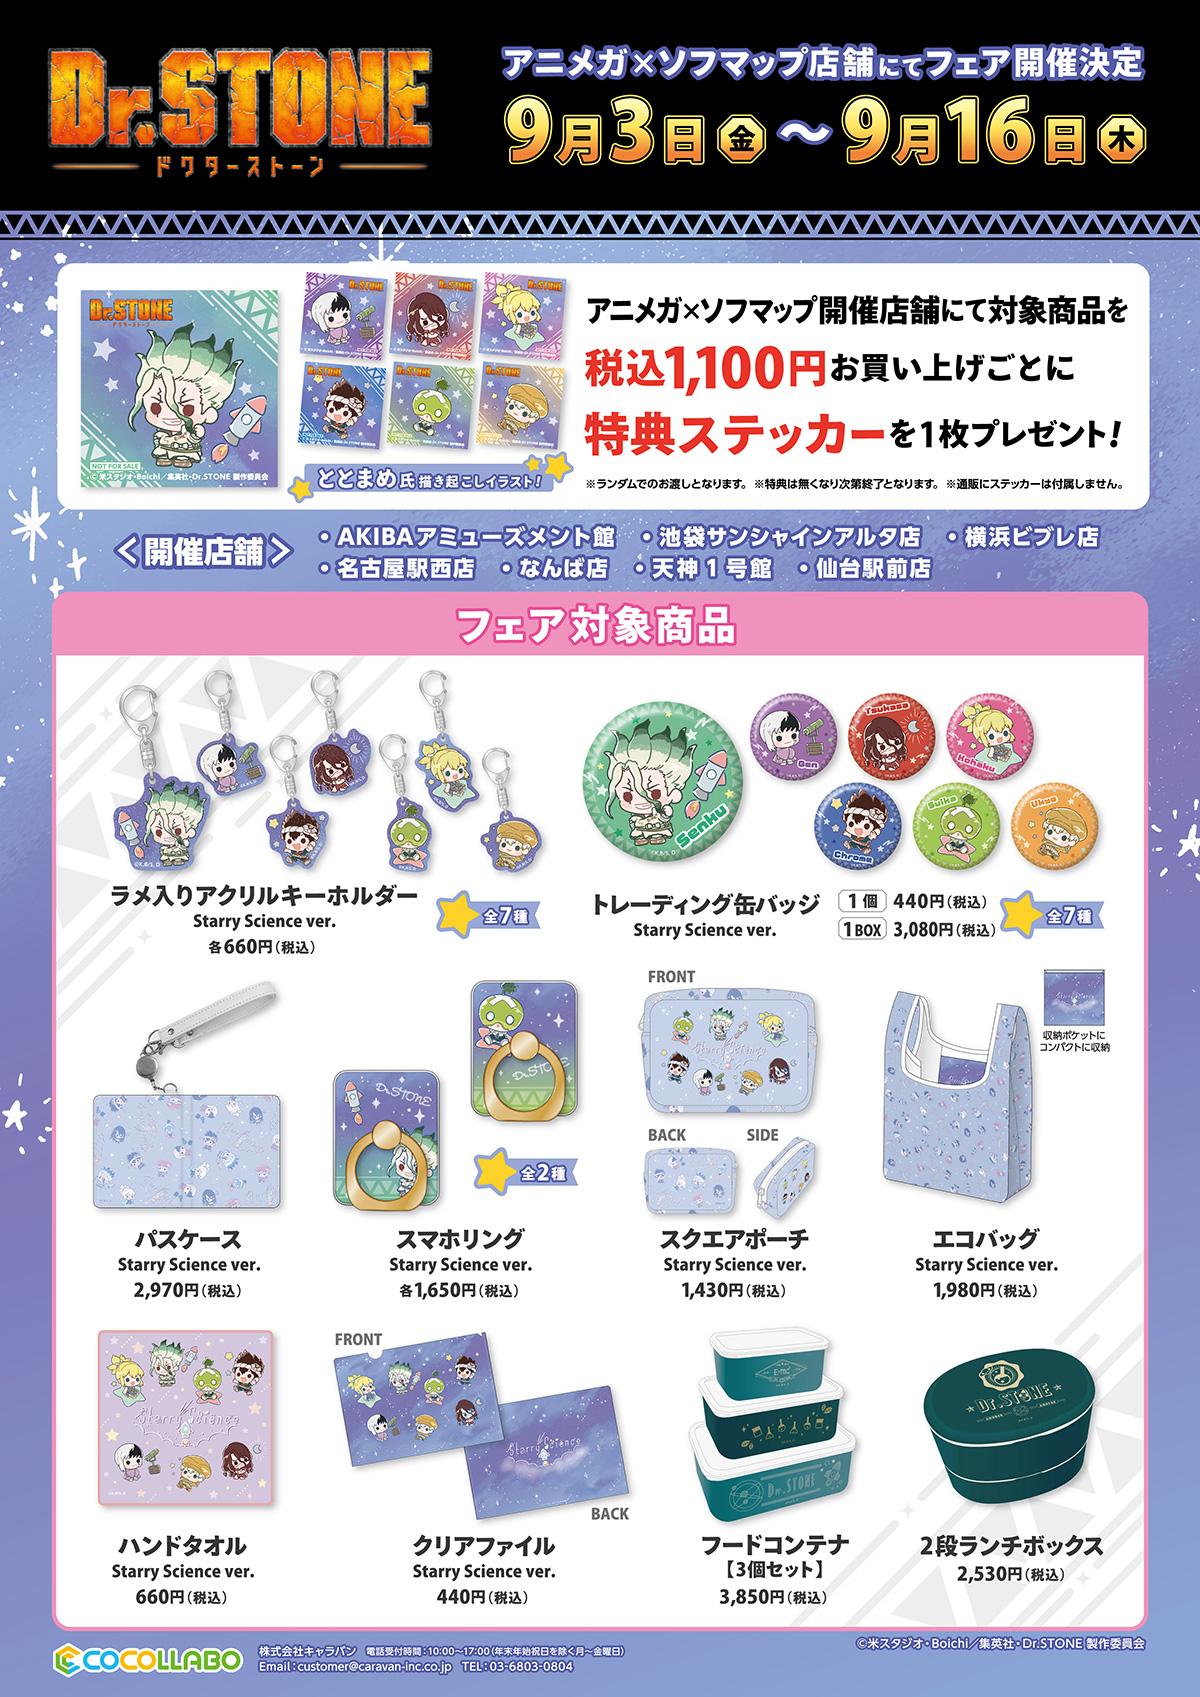 Dr.STONE フェア アニメガ×ソフマップ